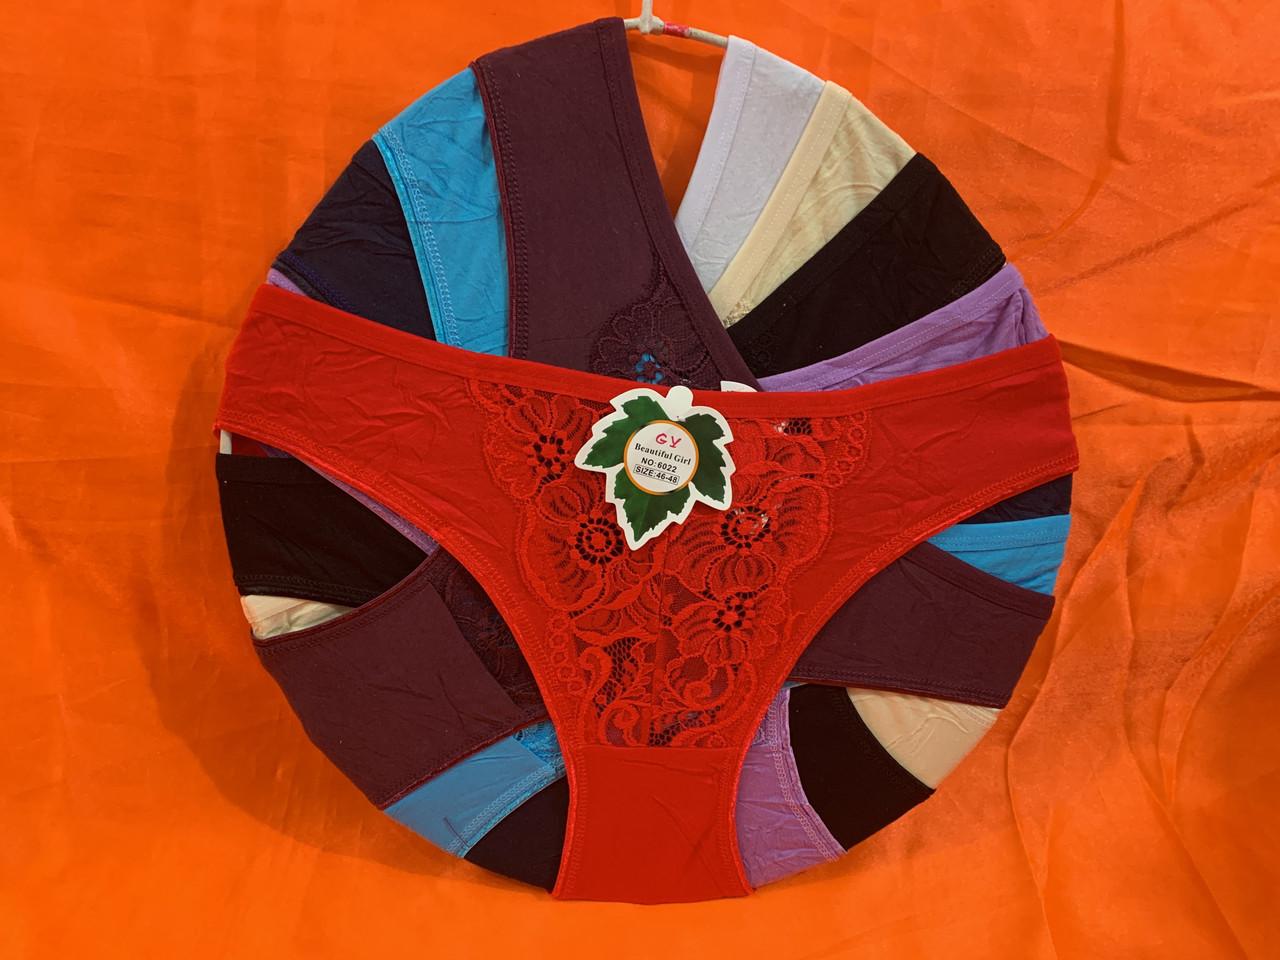 Трусы хлопок размер 44-48рр,  один цвет в упаковке